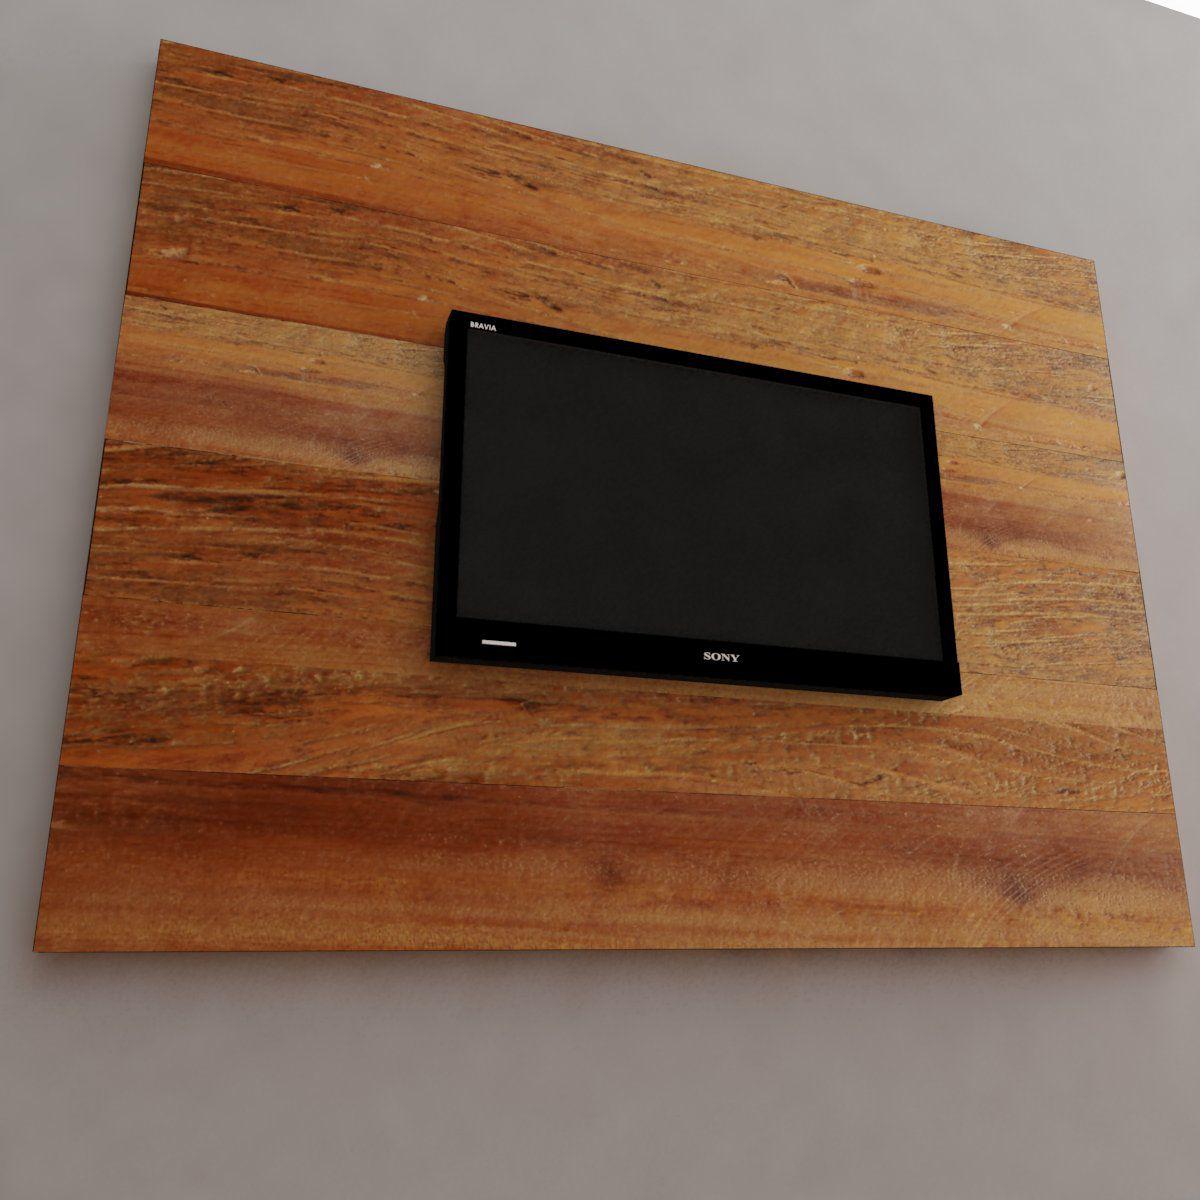 Painel Tv Medindo 1,60 x 1,00  Fabricado Em Madeira De Demolição